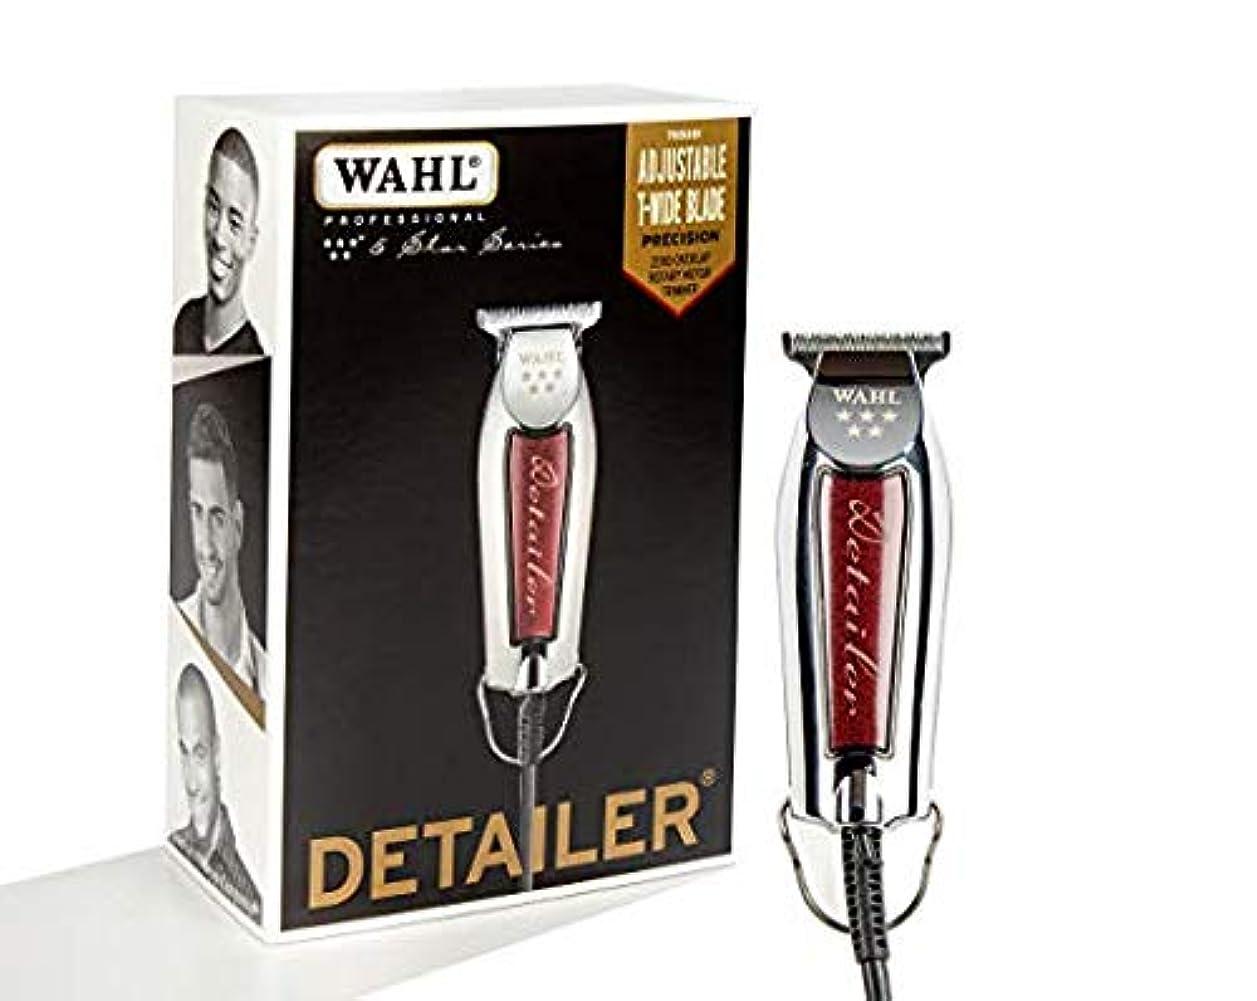 彼従順メカニック[Wahl ] [Professional Series Detailer #8081 - With Adjustable T-Blade, 3 Trimming Guides (1/16 inch - 1/4 inch), Red Blade Guard, Oil, Cleaning Brush and Operating Instructions, 5-Inch ] (並行輸入品)